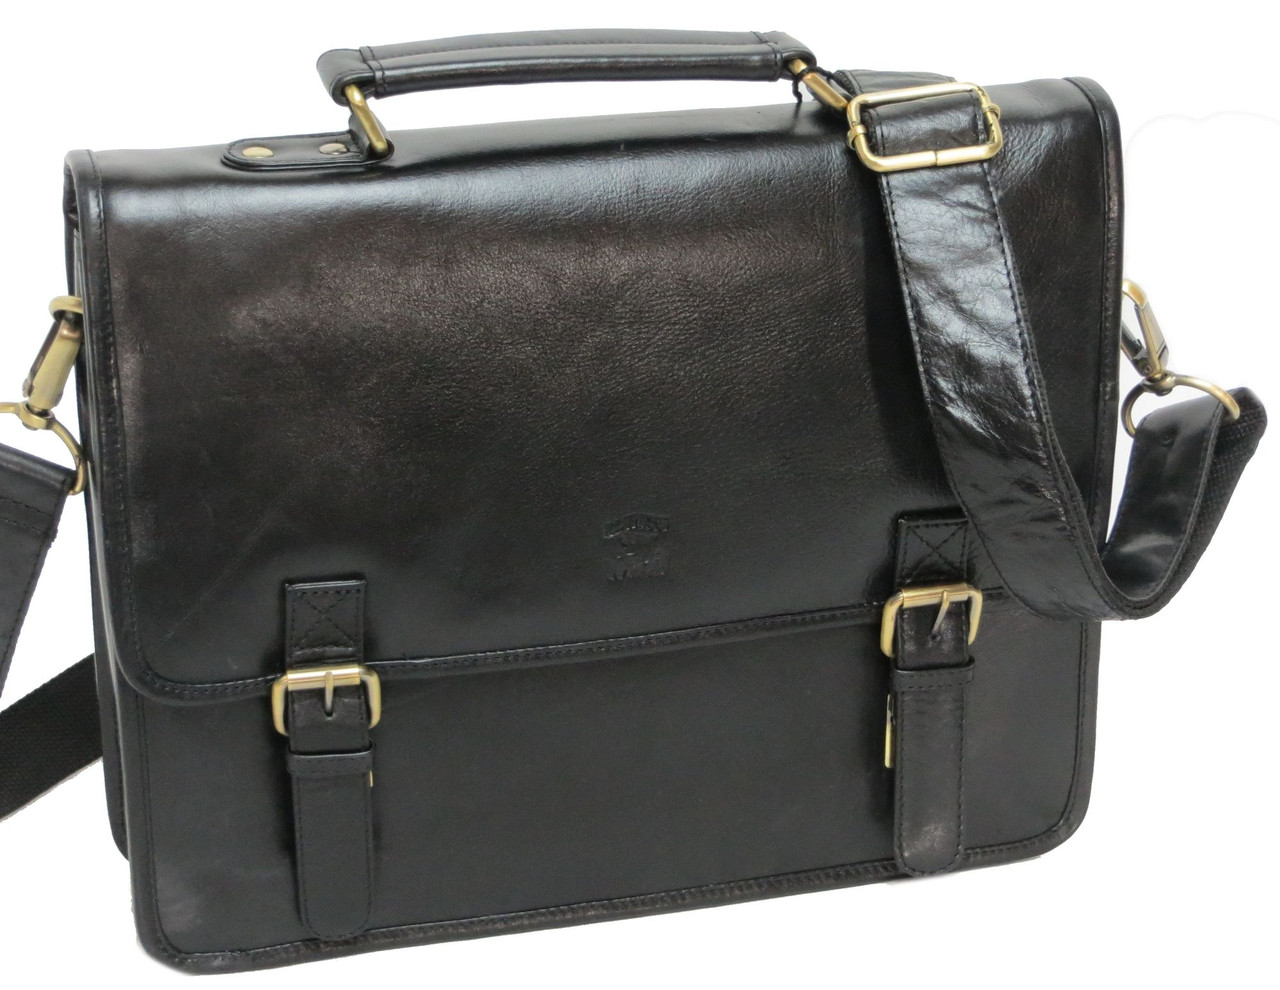 Элегантная сумка-портфель из натуральной кожи Always Wild 16921 черная 36х29х8 см.